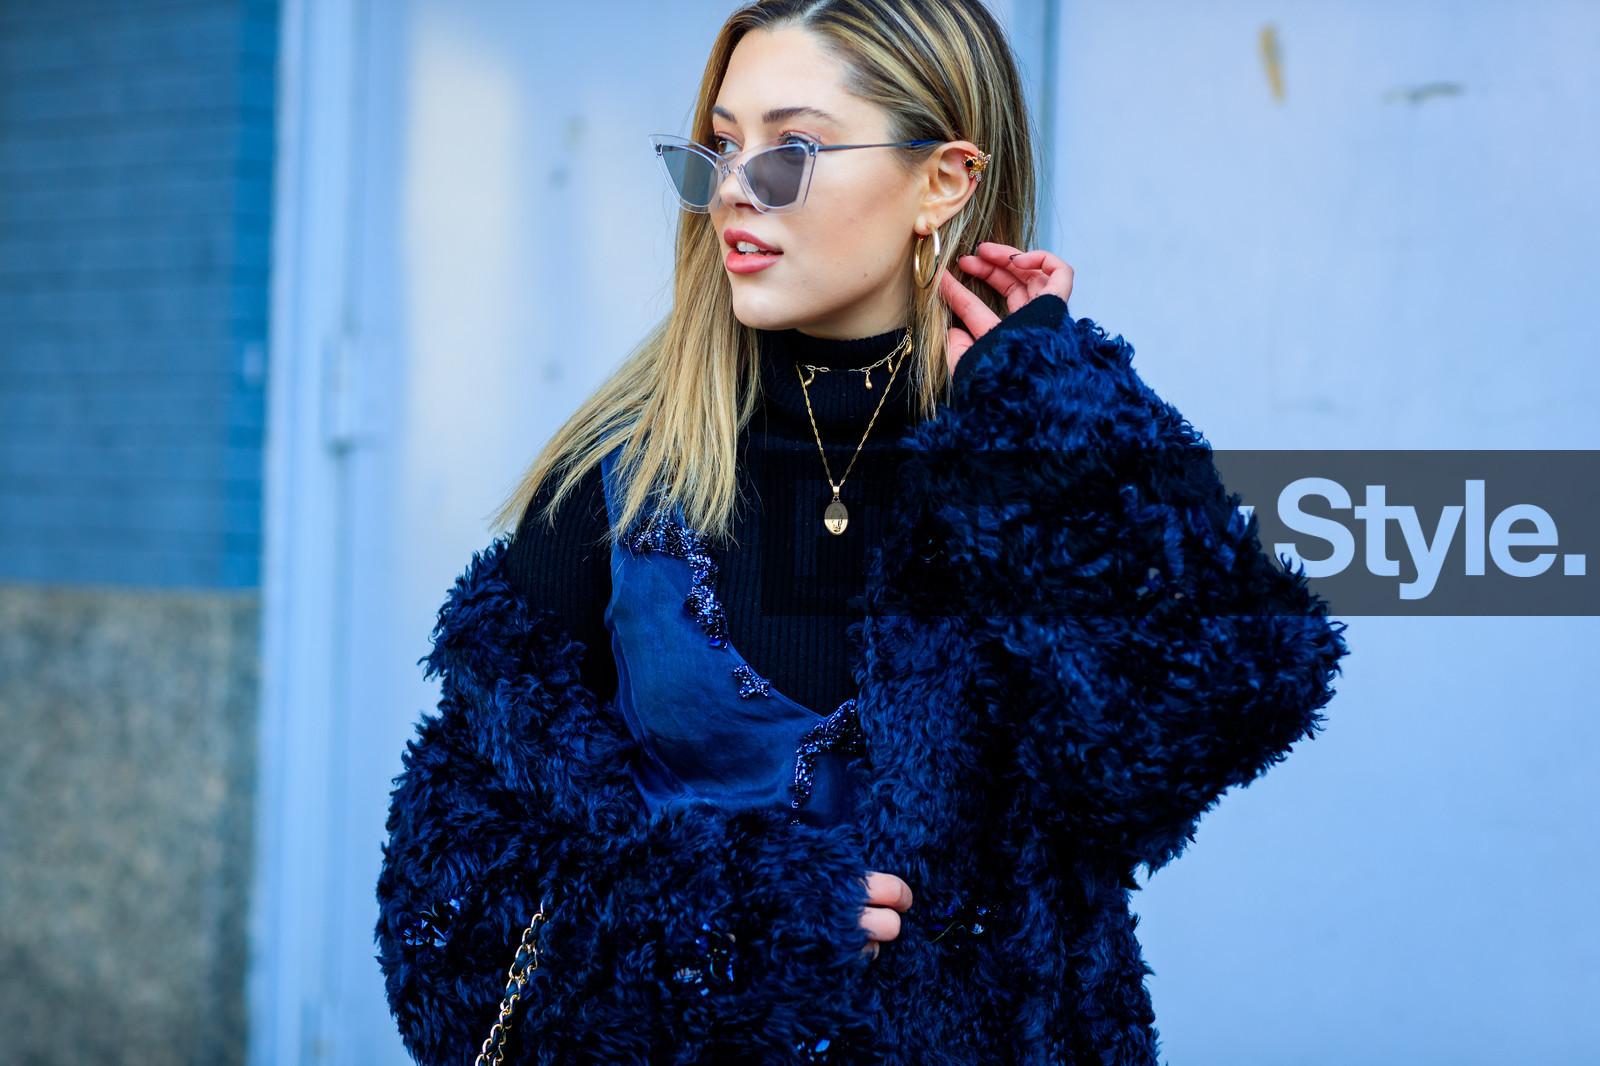 Резултат со слика за PHOTOS OF women fall coats 2019